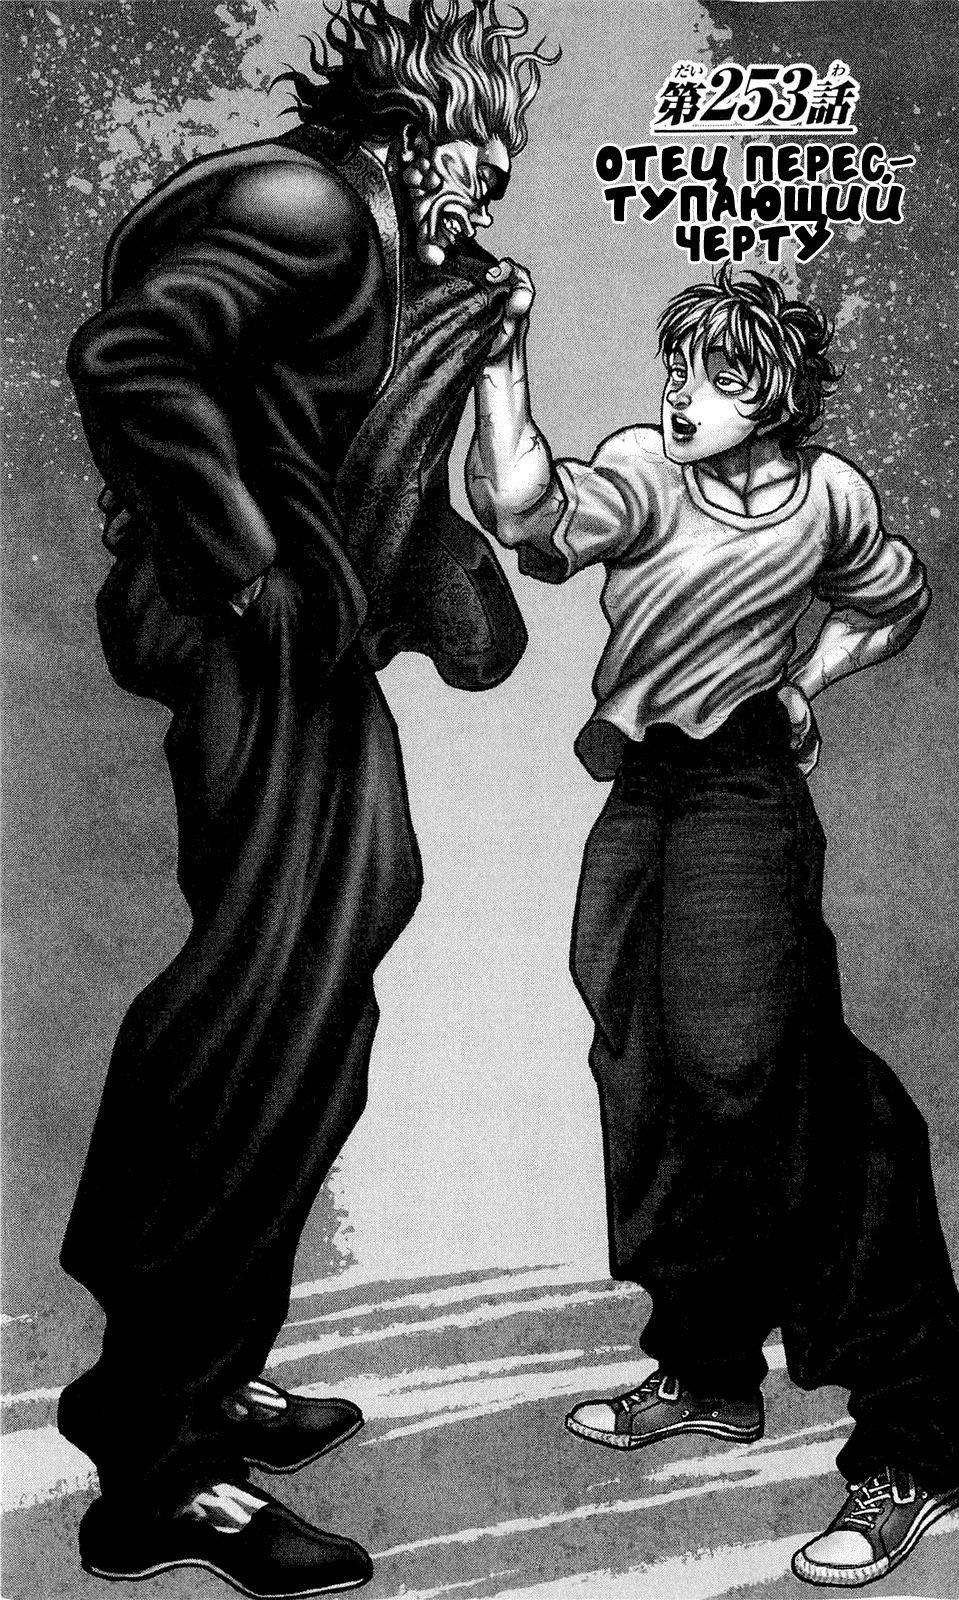 Манга Баки - Сын великана - Глава 253 Страница 1